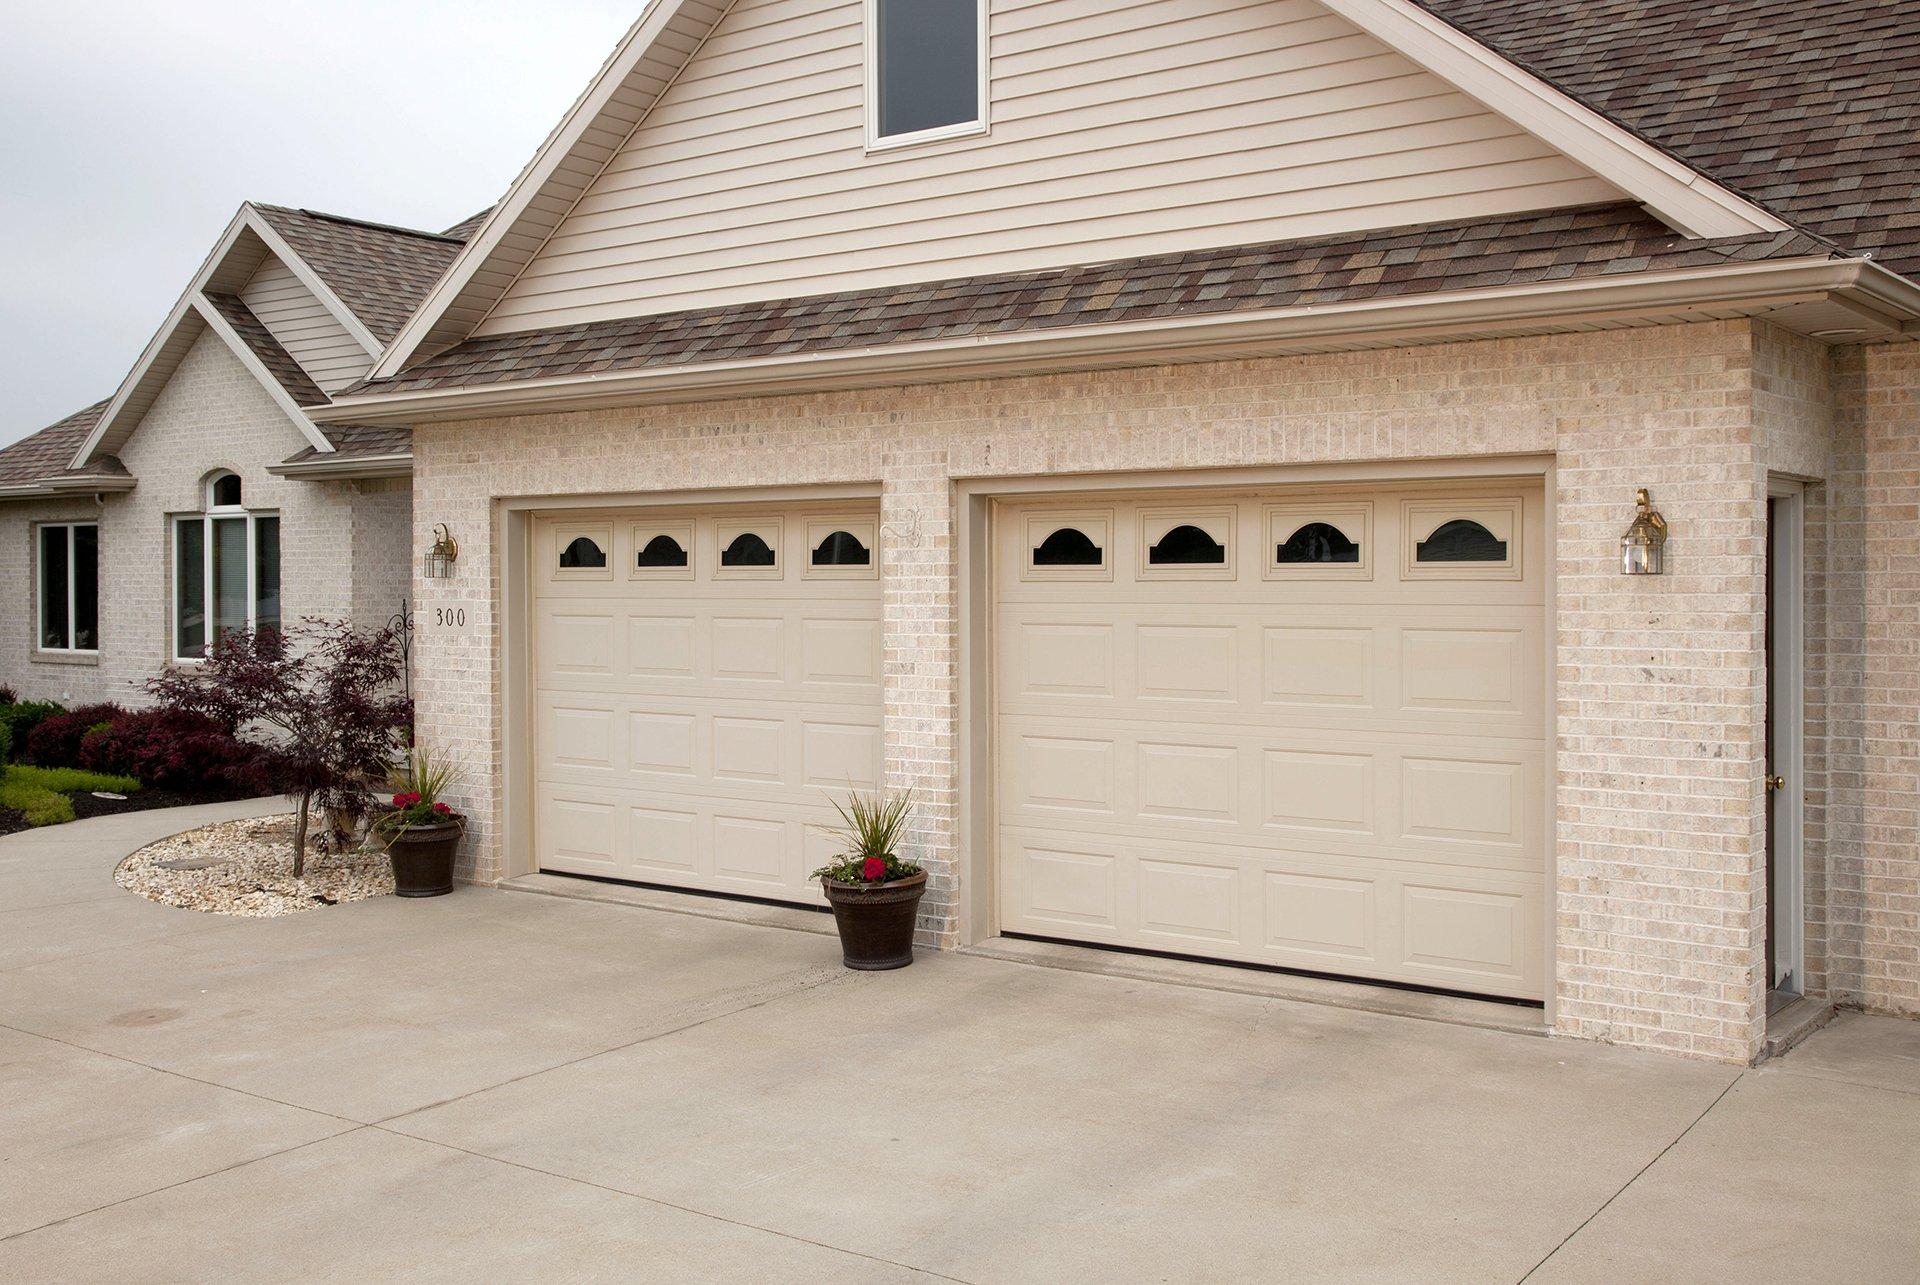 Haas Garage Doors 600 Series Images Door Design Ideas